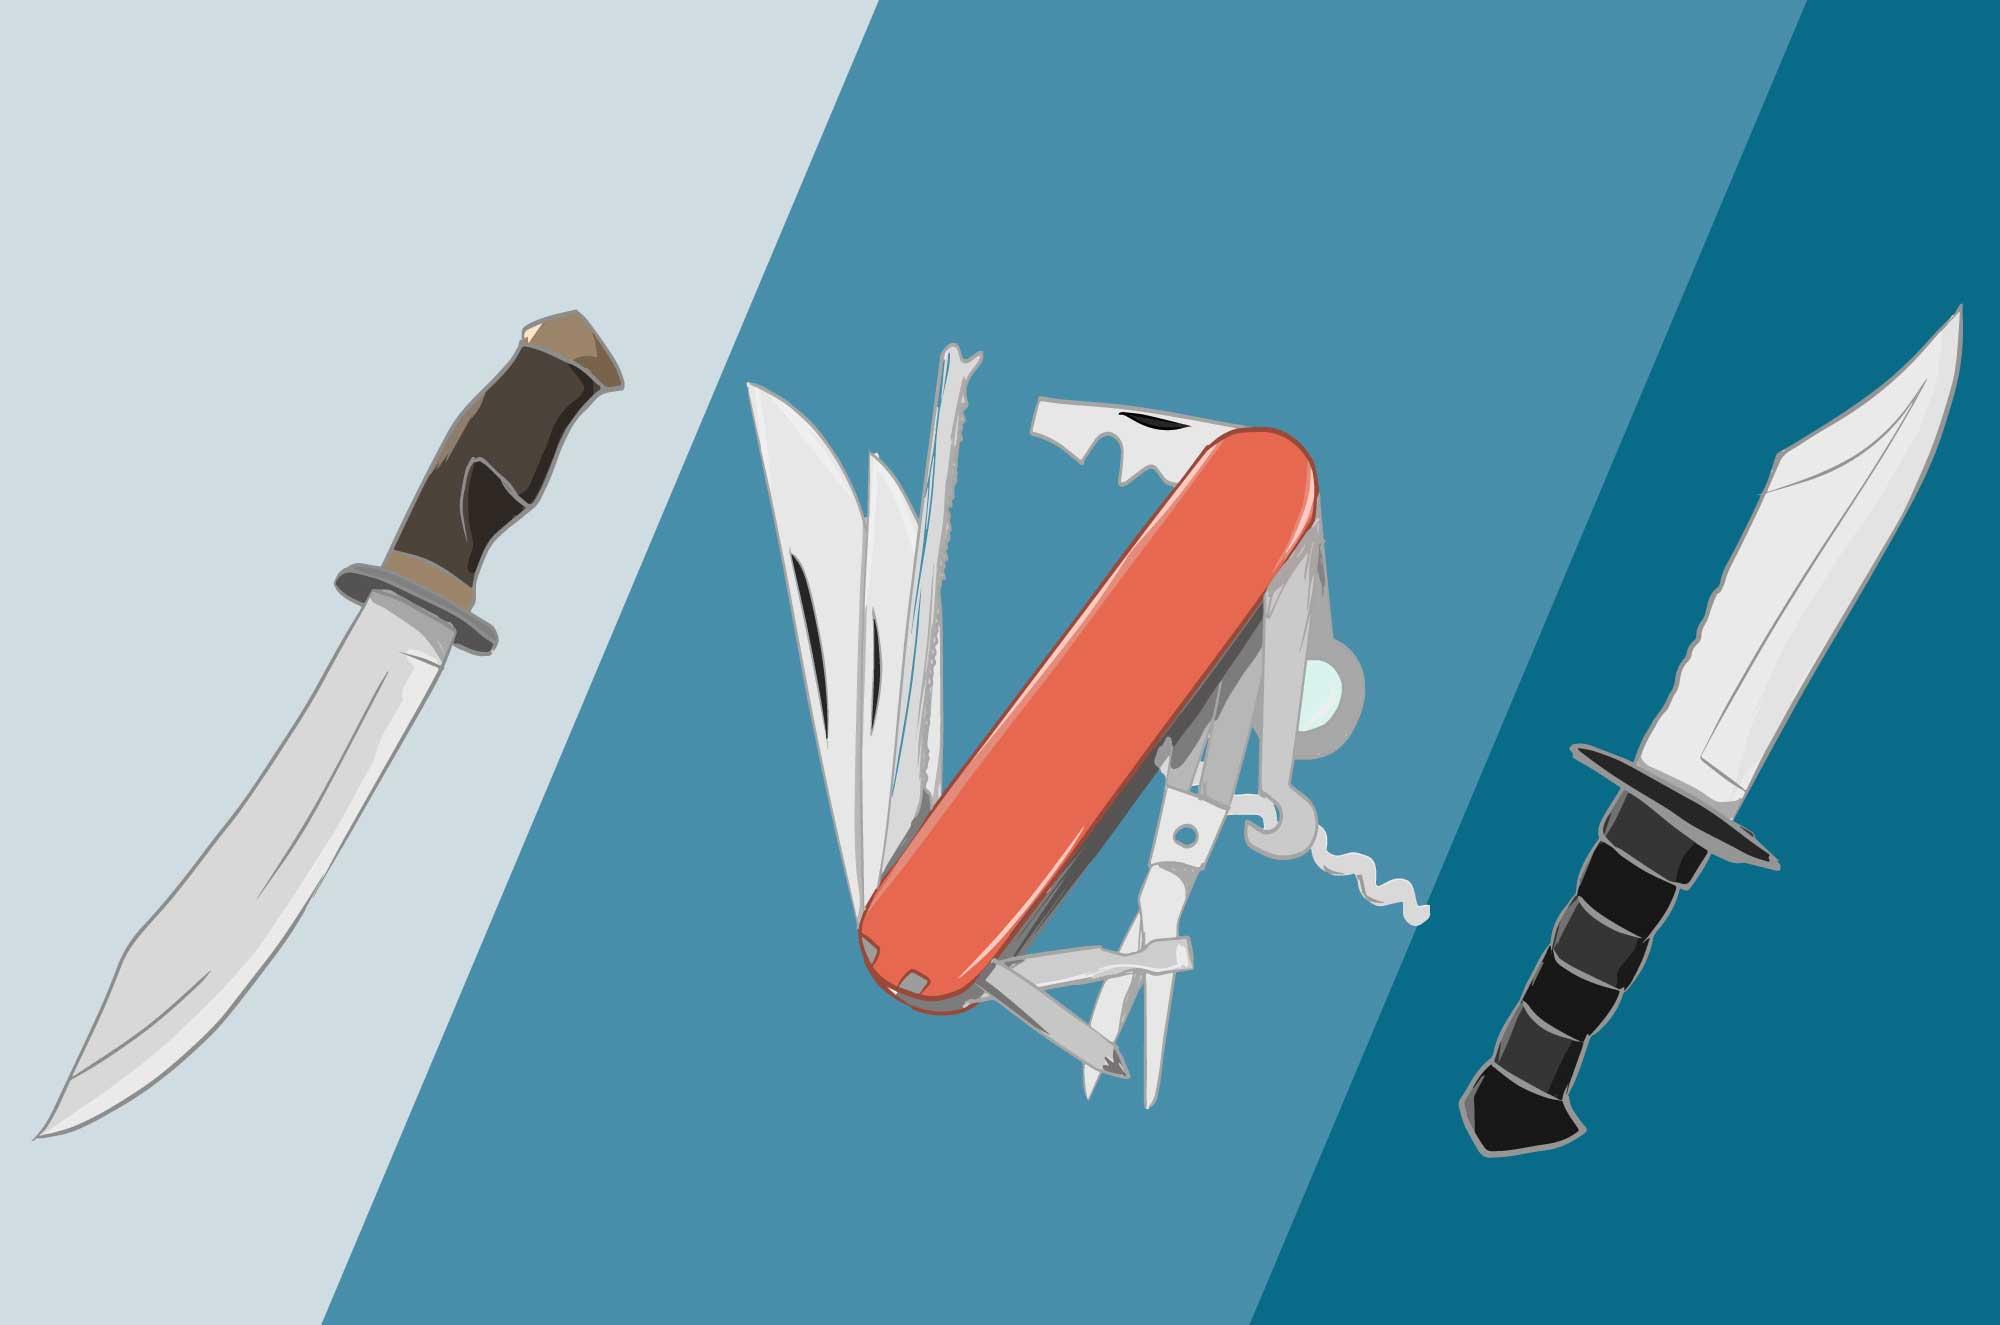 ナイフの無料イラスト - サバイバル・キャンプの道具